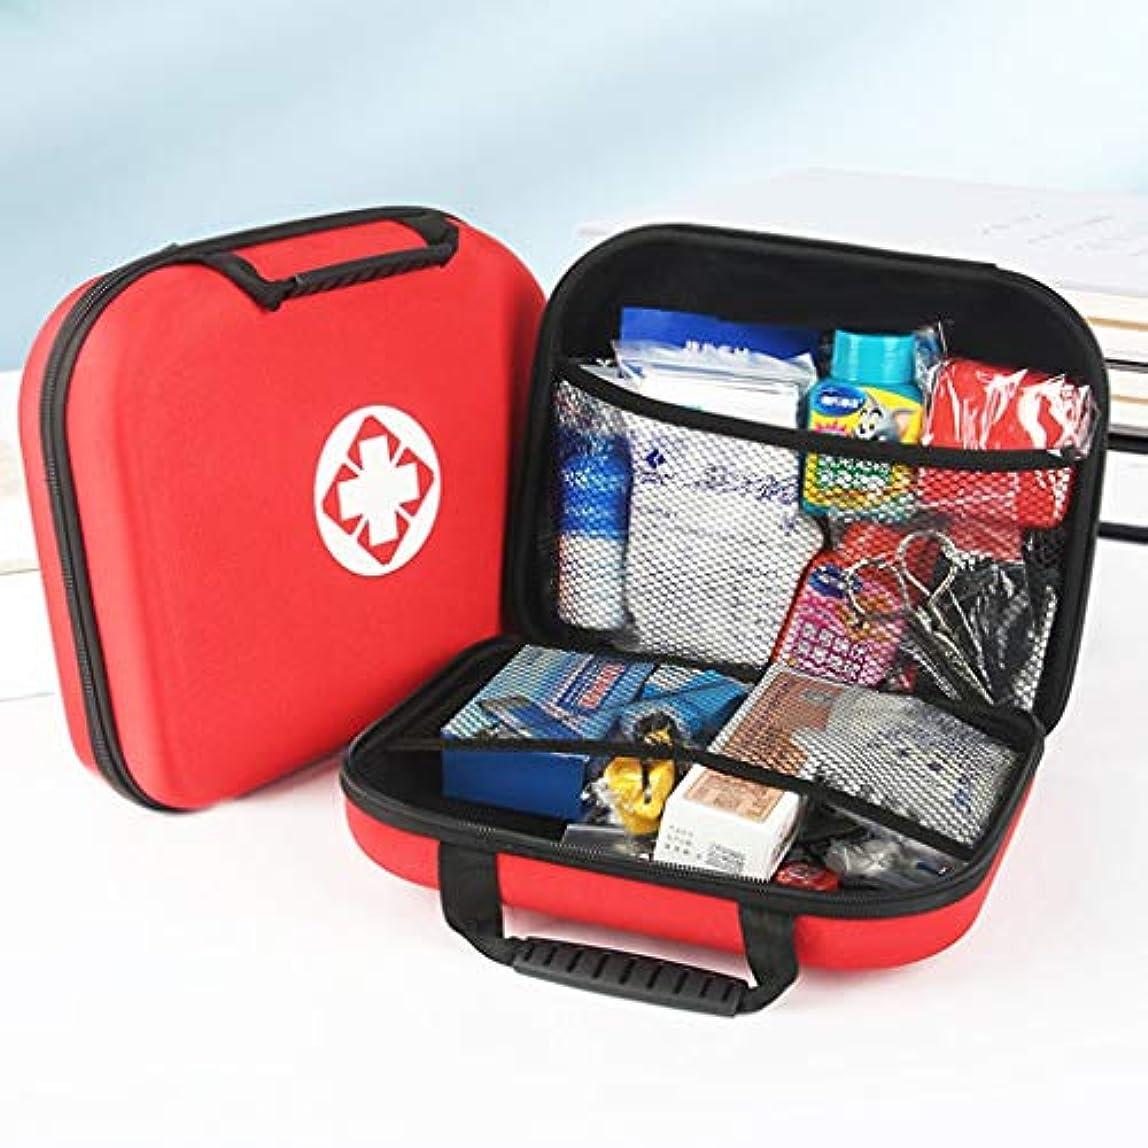 忌まわしいコンピューターゲームをプレイするアレンジYANGBM 救急箱の屋外旅行の携帯用車の医療用キットの小さい箱の火の地震緊急のキット